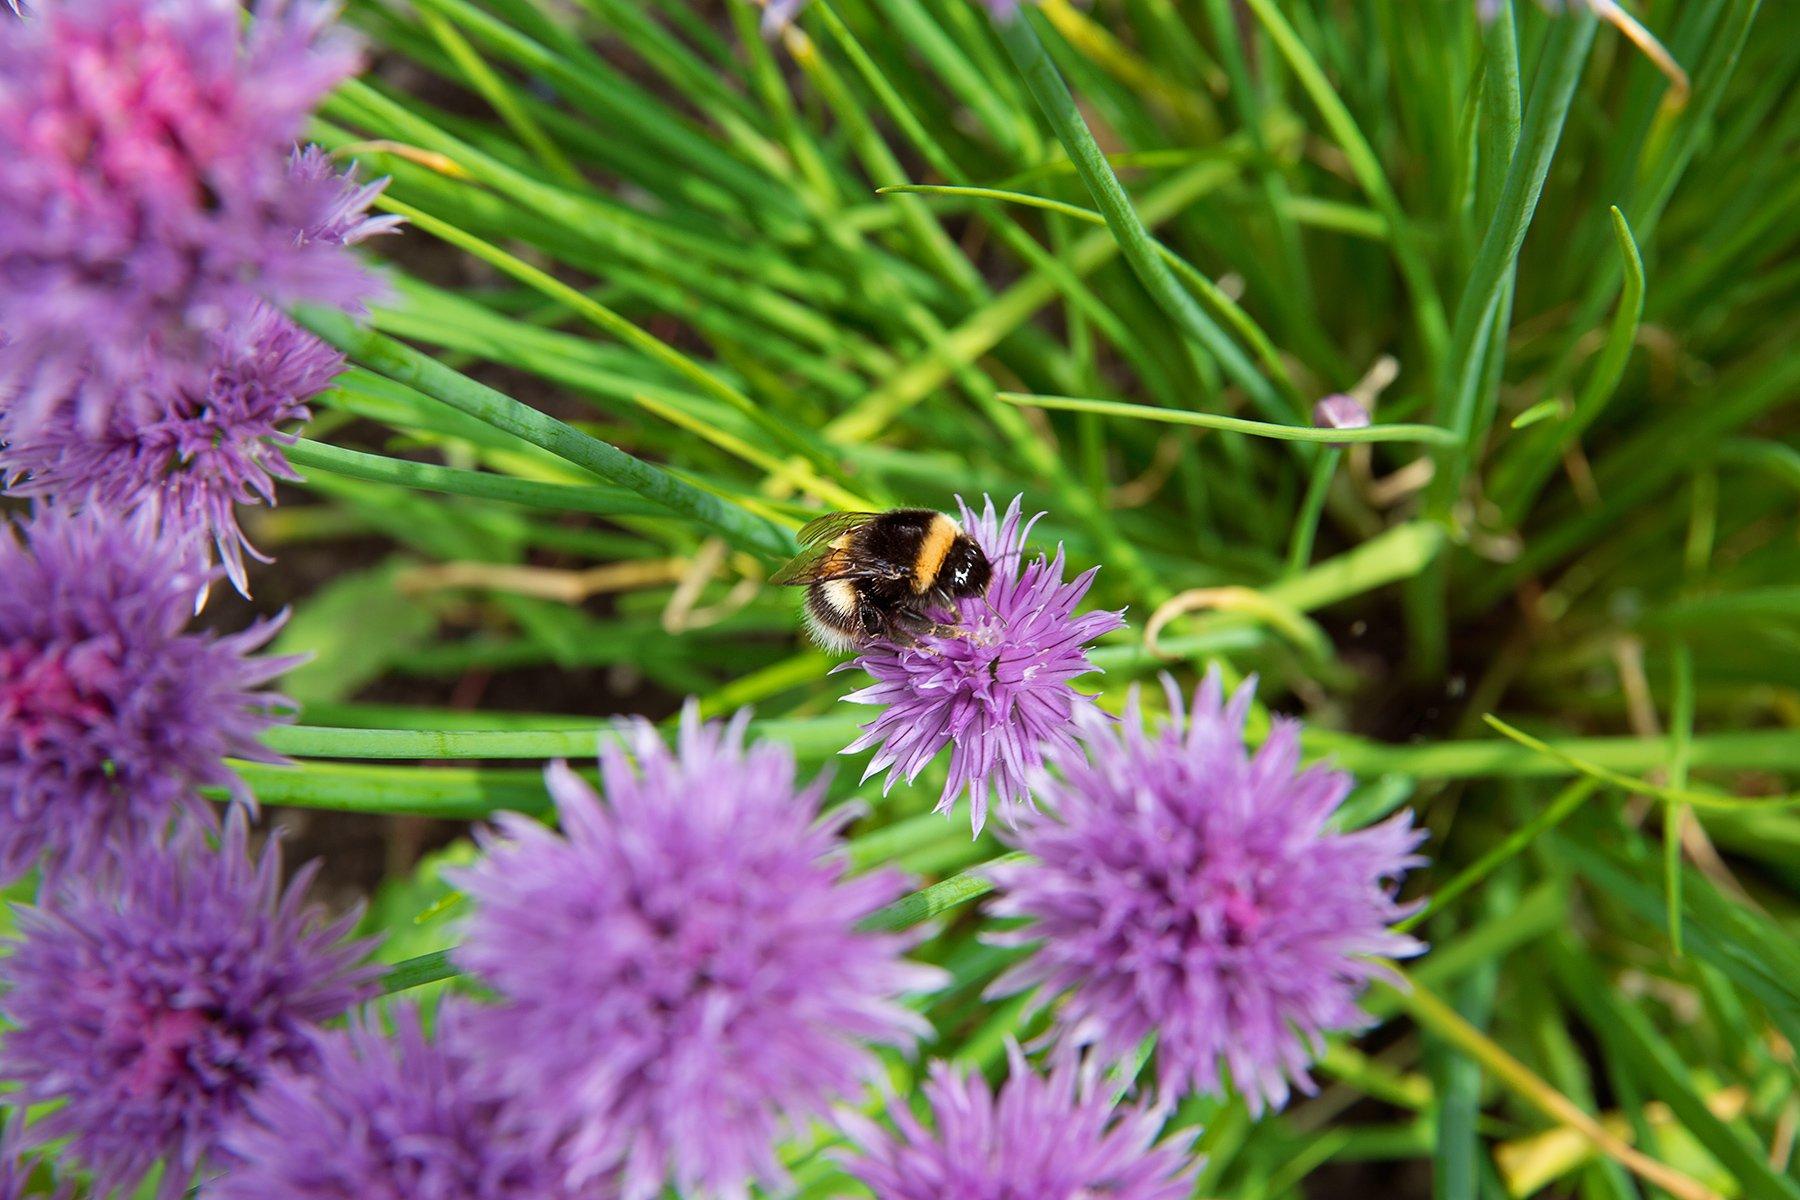 Bumble Bee in garlic